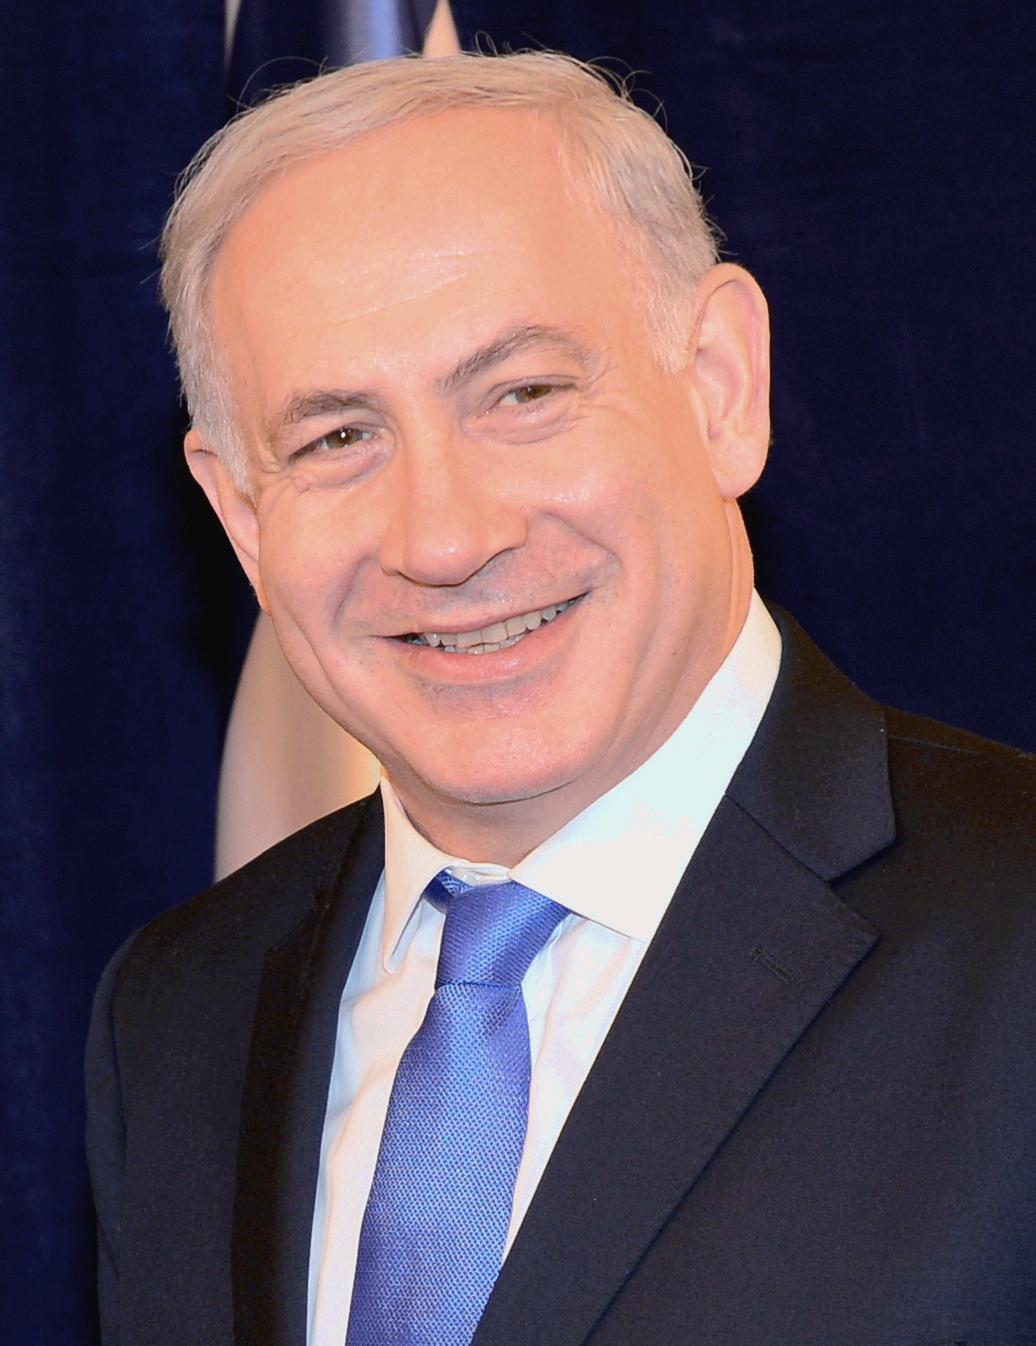 Auf dem Bild ist Benjamin Netanjahu zu sehen